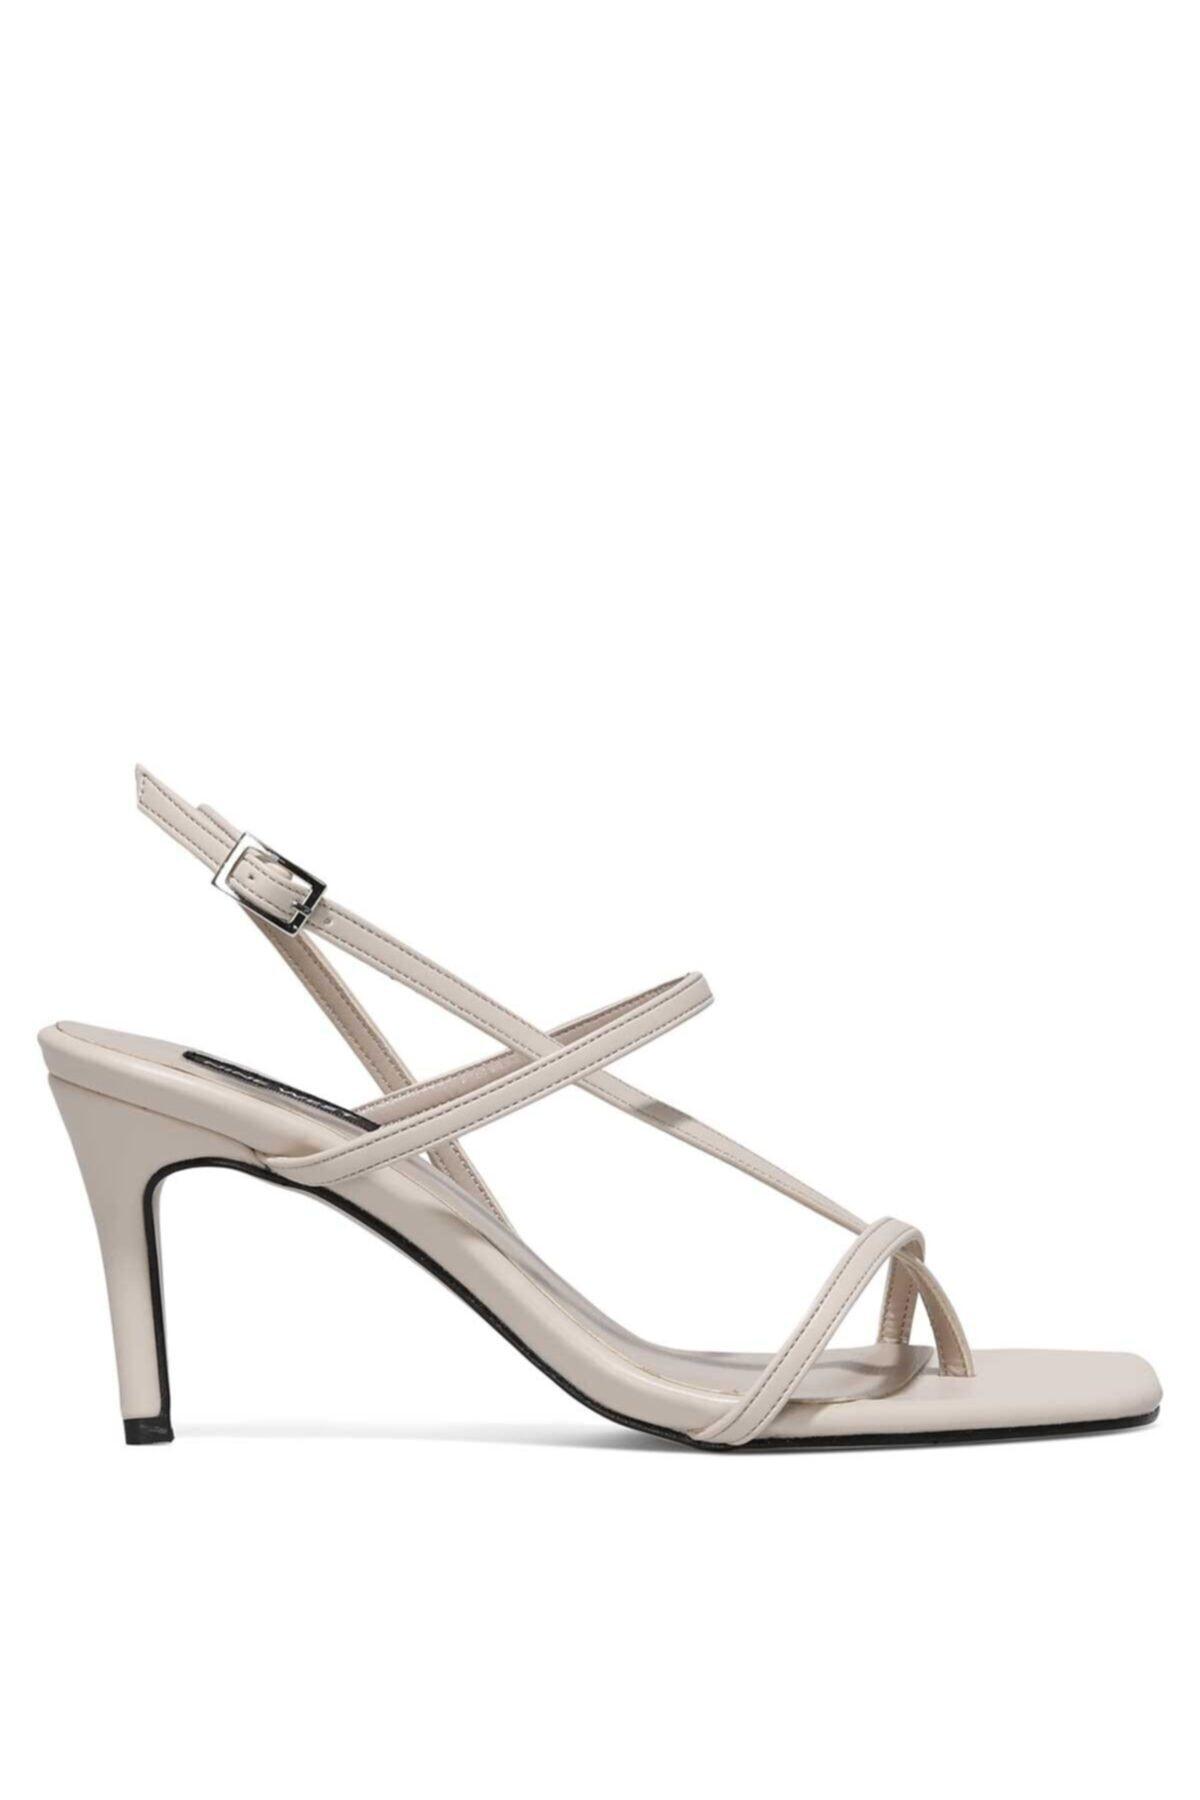 Hea 1fx Bej Kadın Topuklu Ayakkabı